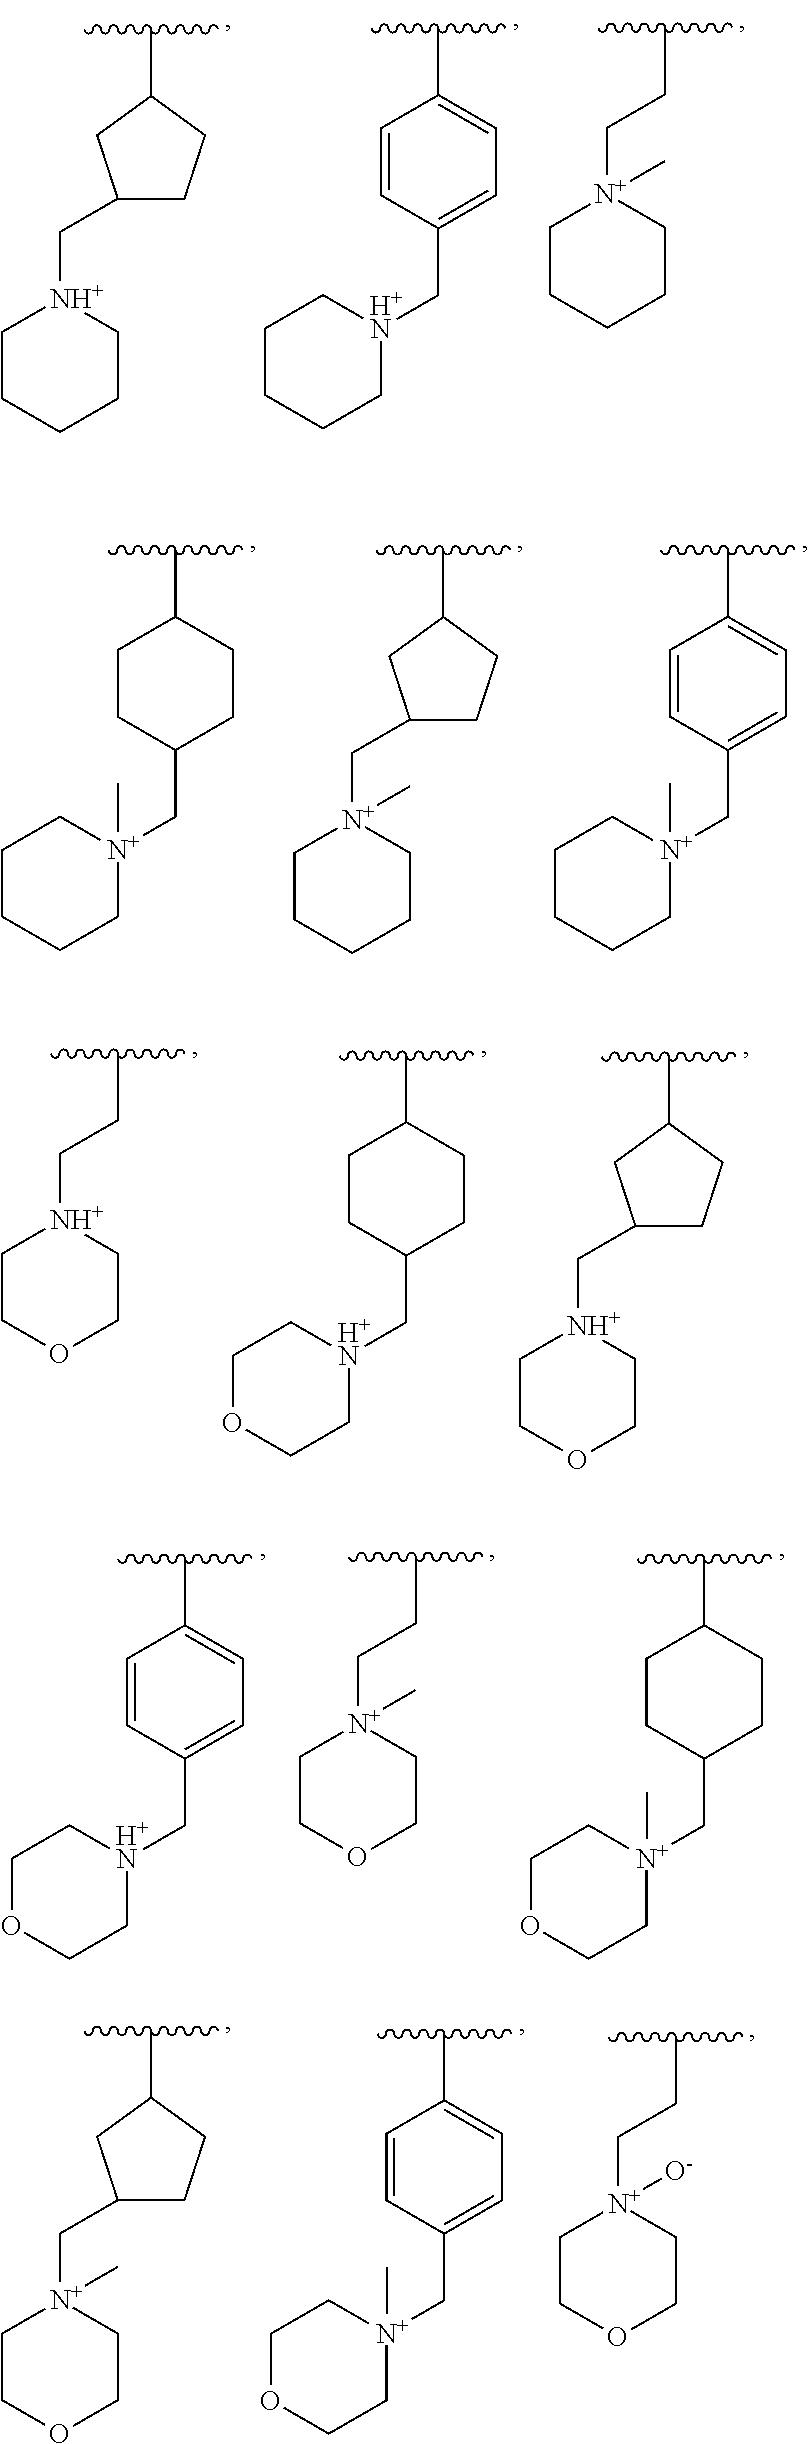 Figure US08476388-20130702-C00006